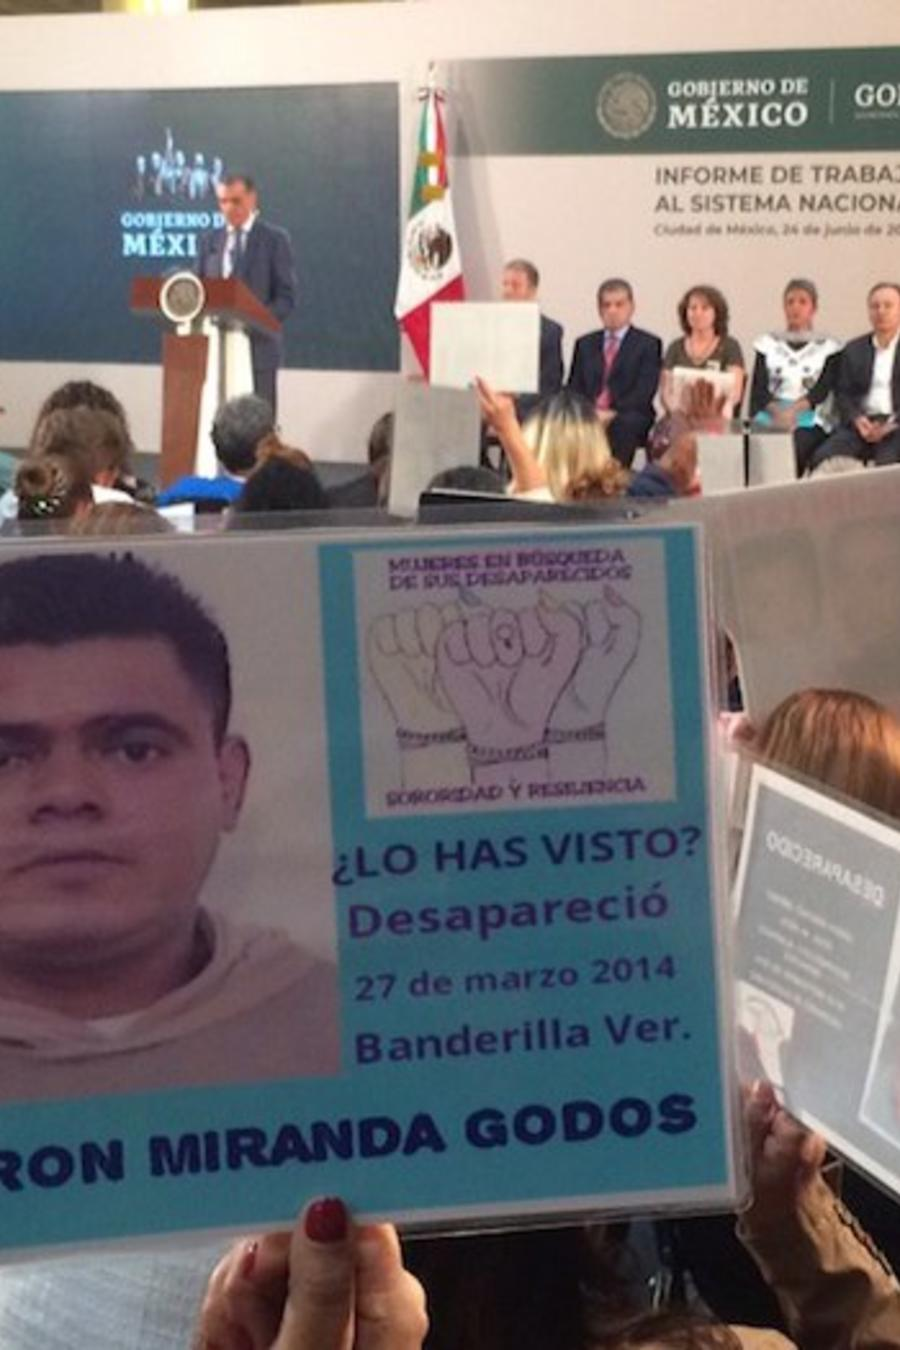 Los familiares de personas desaparecidas llevaron fotos de sus seres queridos